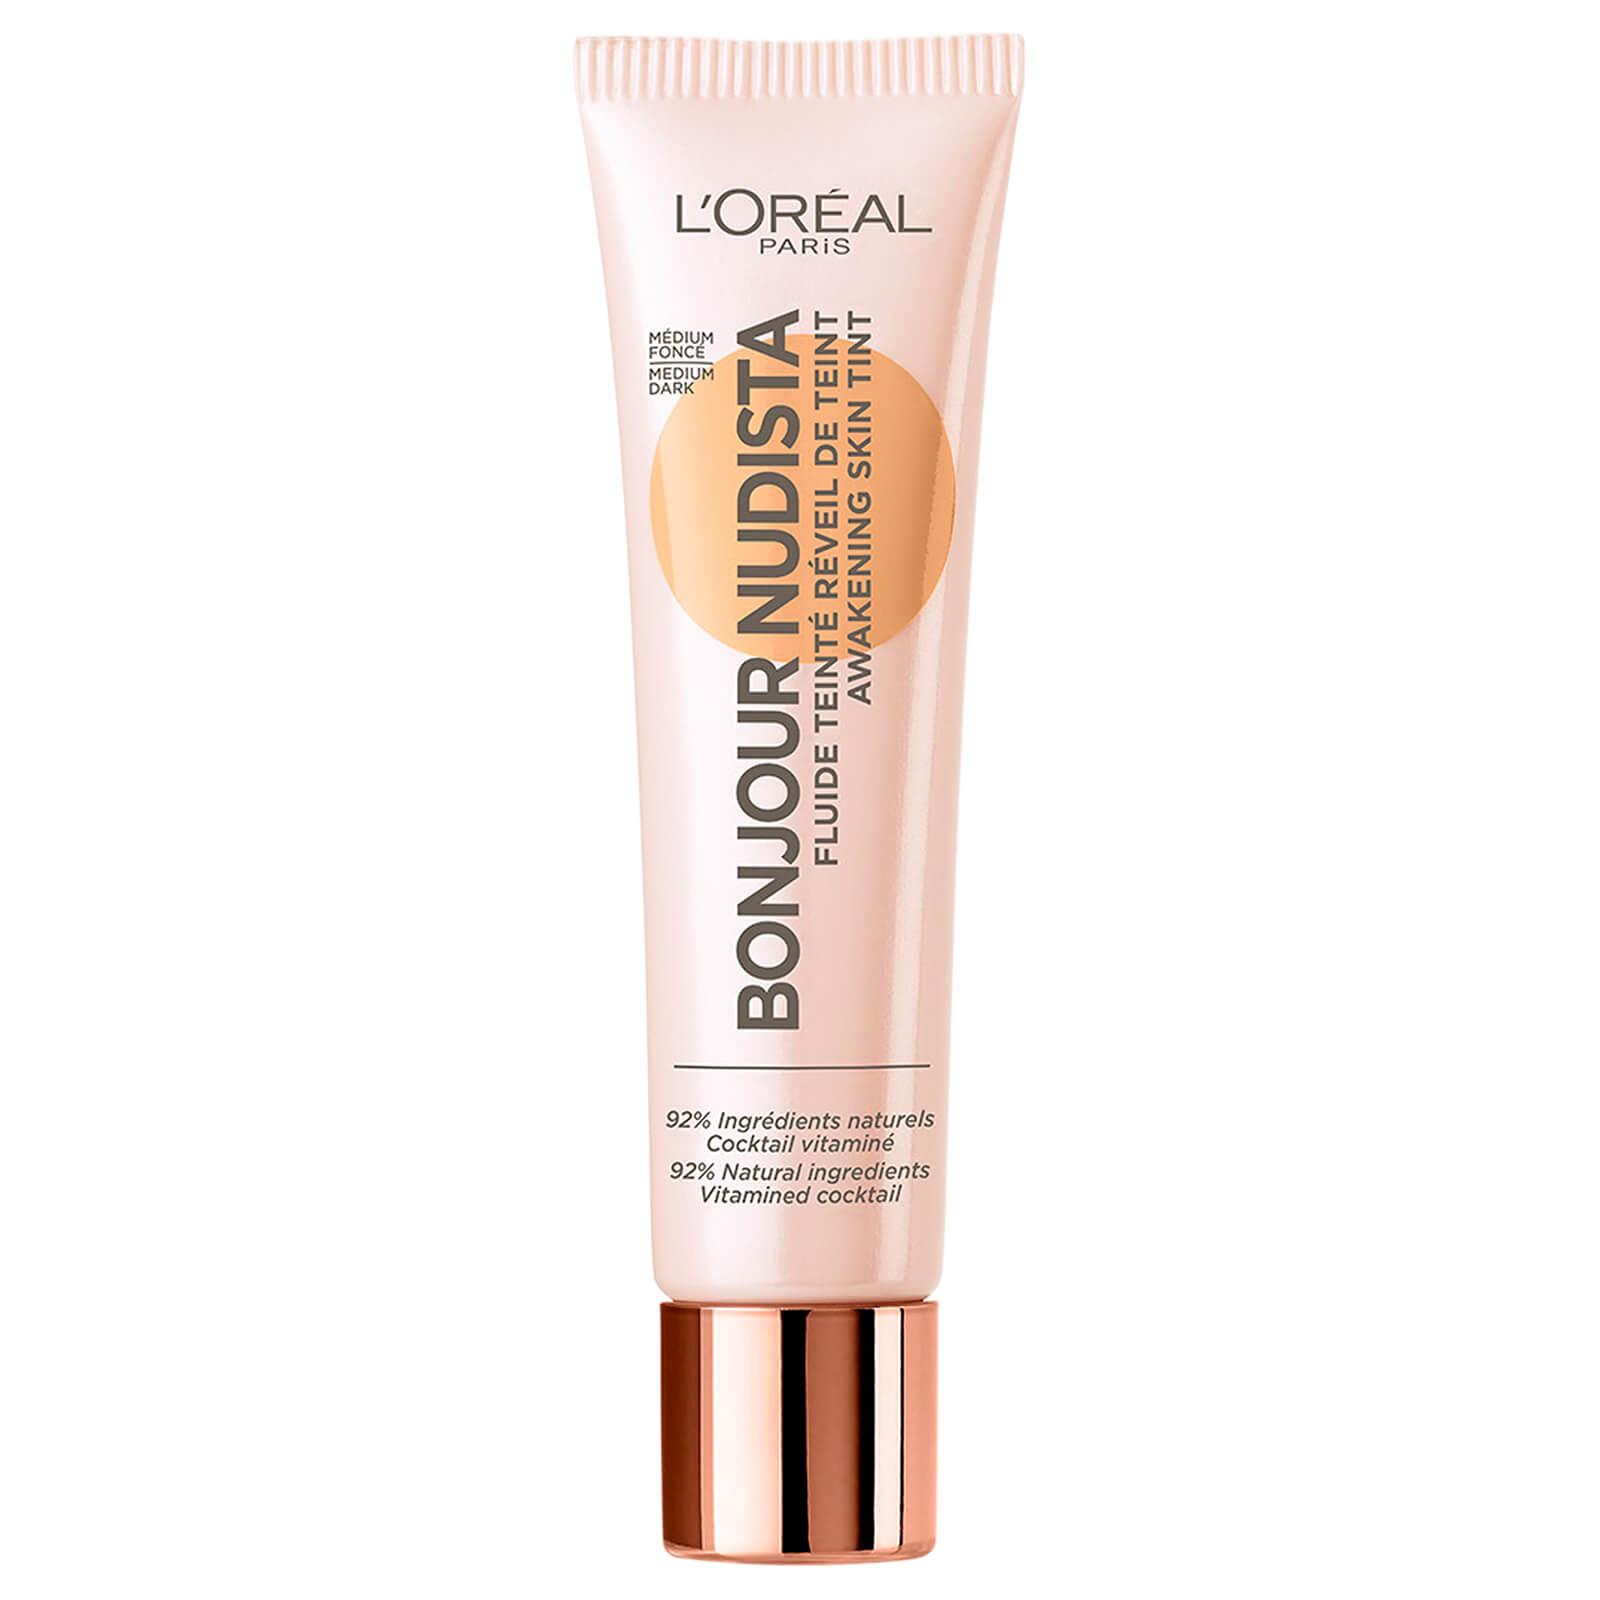 L'Oréal Paris Fluide Teinté BBCrème Bonjour Nudista L'Oréal Paris 30ml (différentes teintes disponibles) - Medium Dark